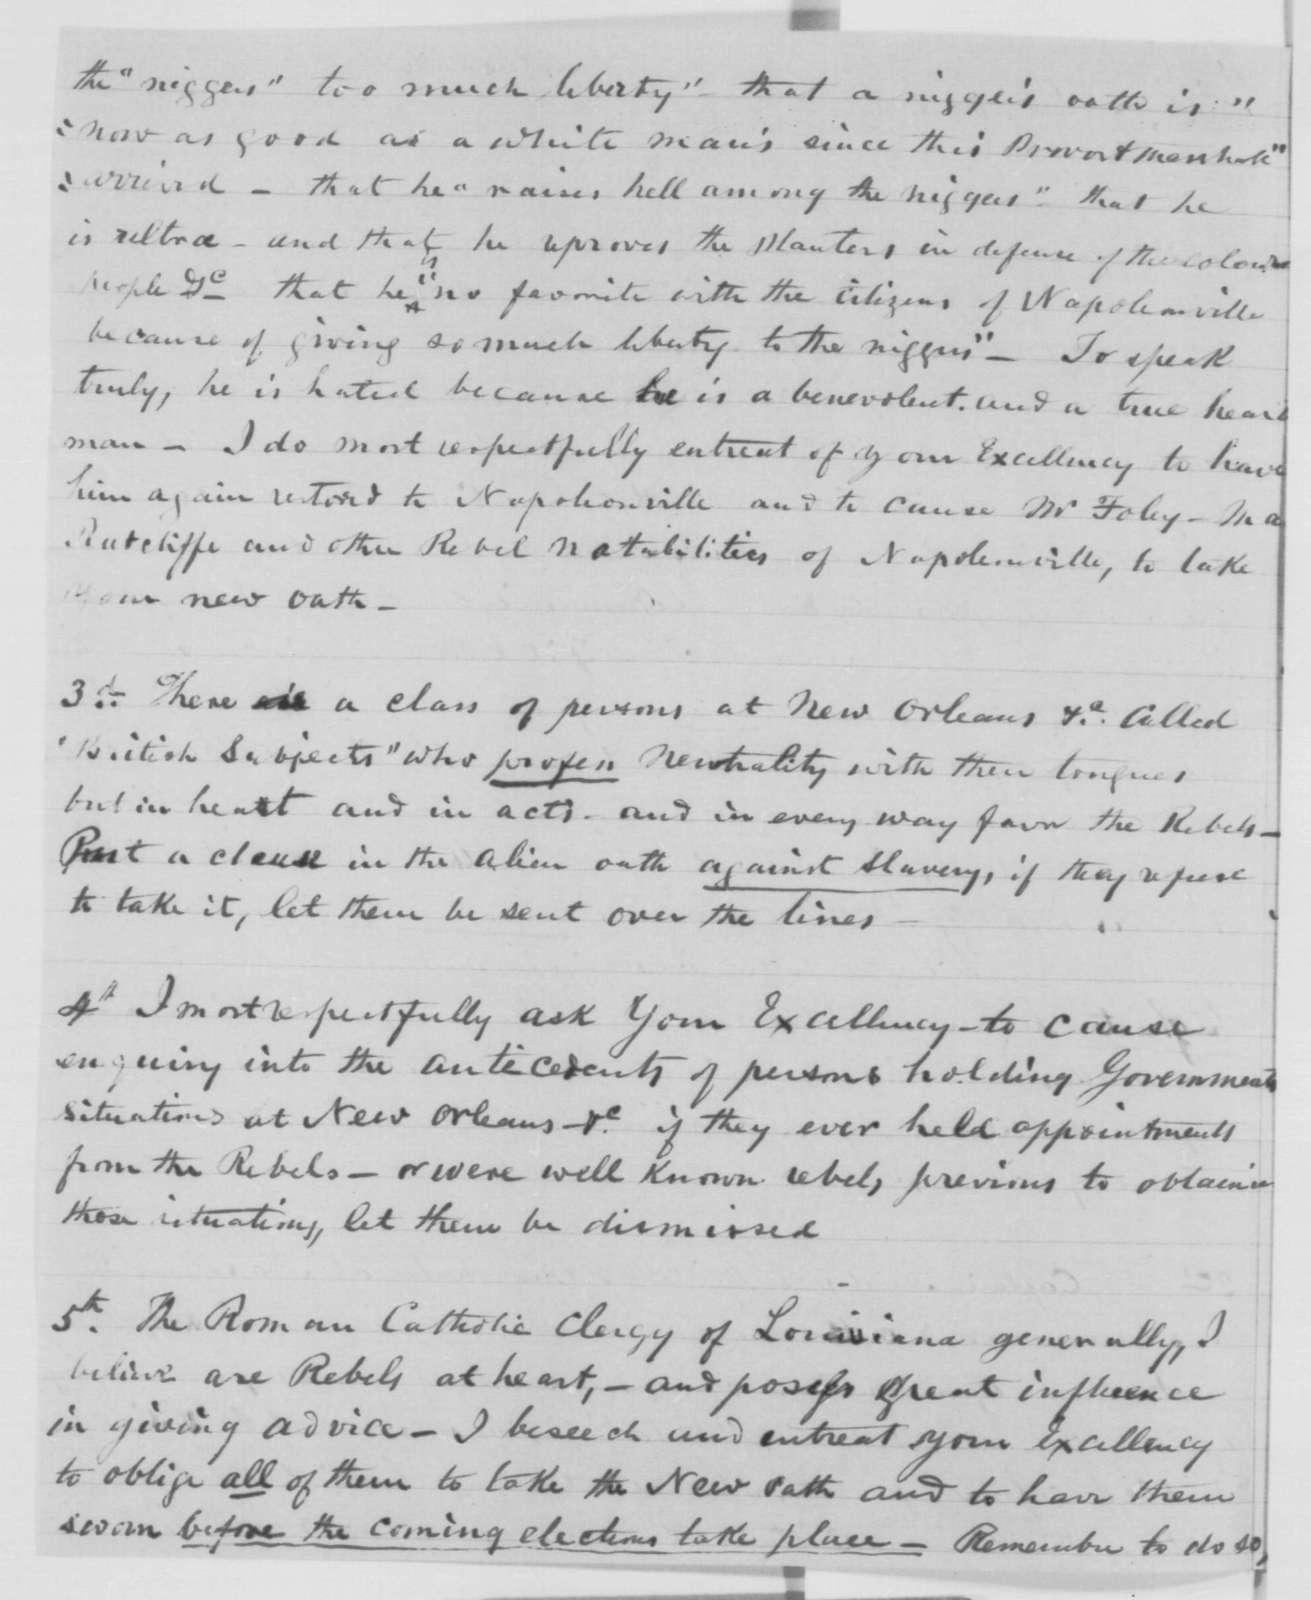 John E. Tallon to Abraham Lincoln, Saturday, December 26, 1863  (Conditions in Louisiana)